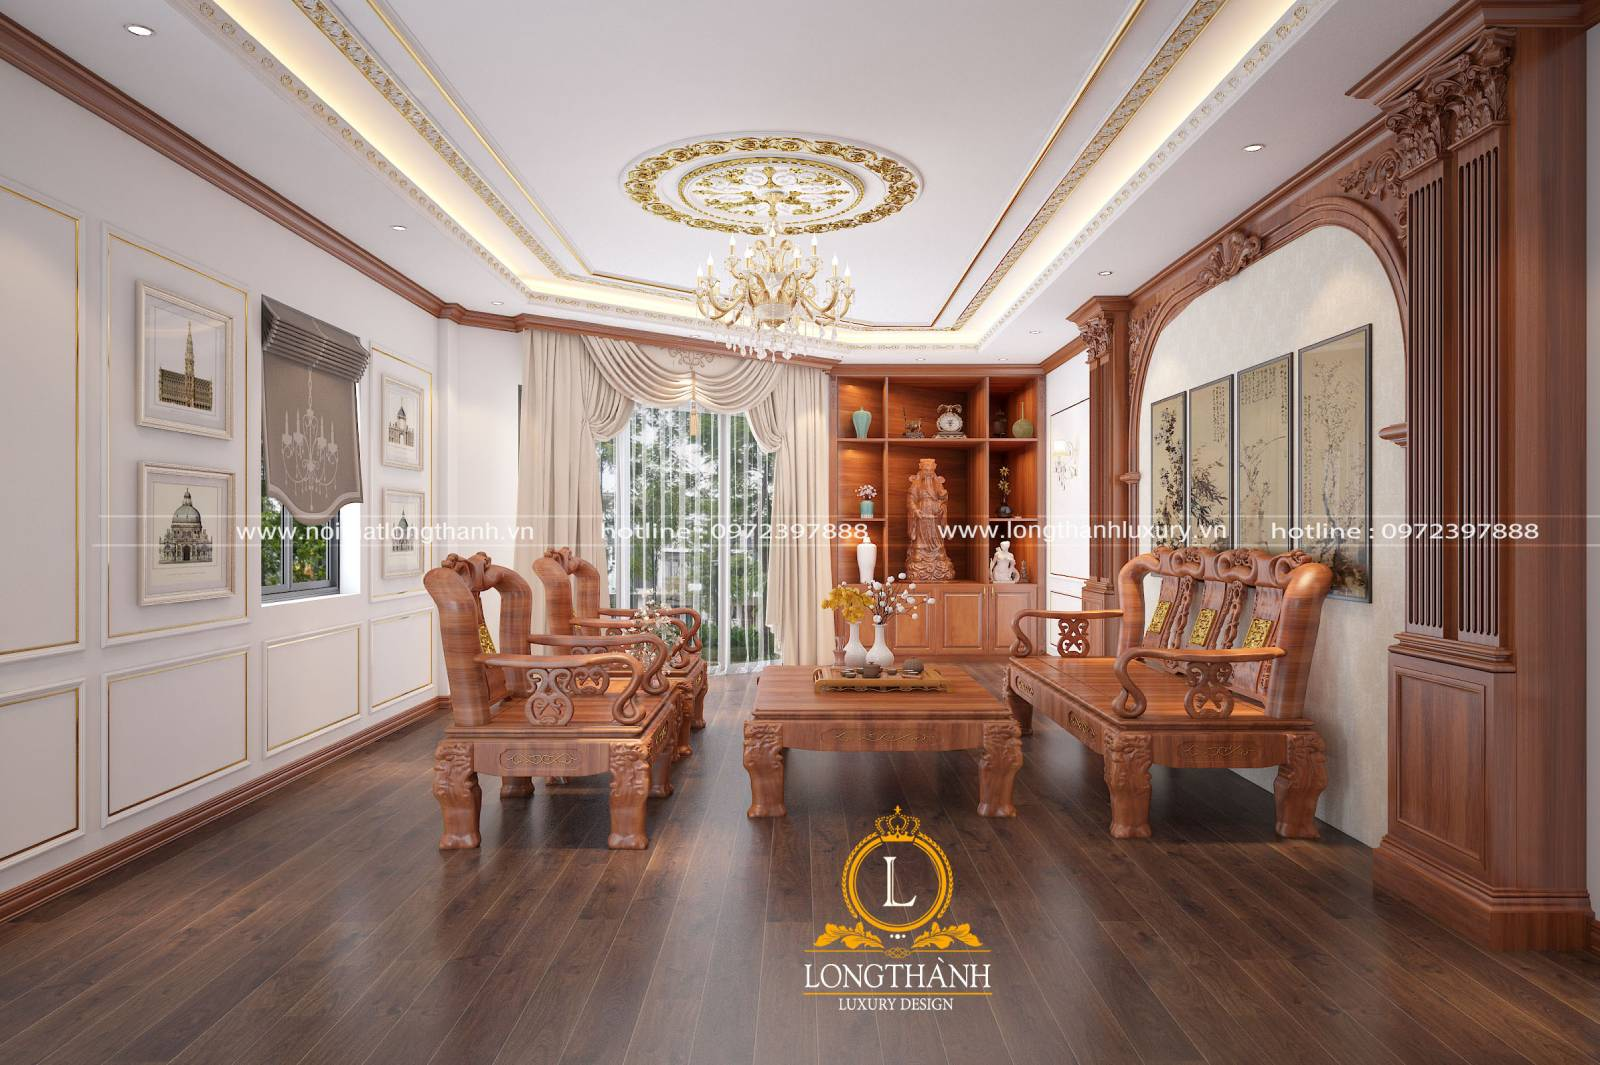 Bộ ghế gỗ hương mang giá trị phong thủy cho ngôi nhà